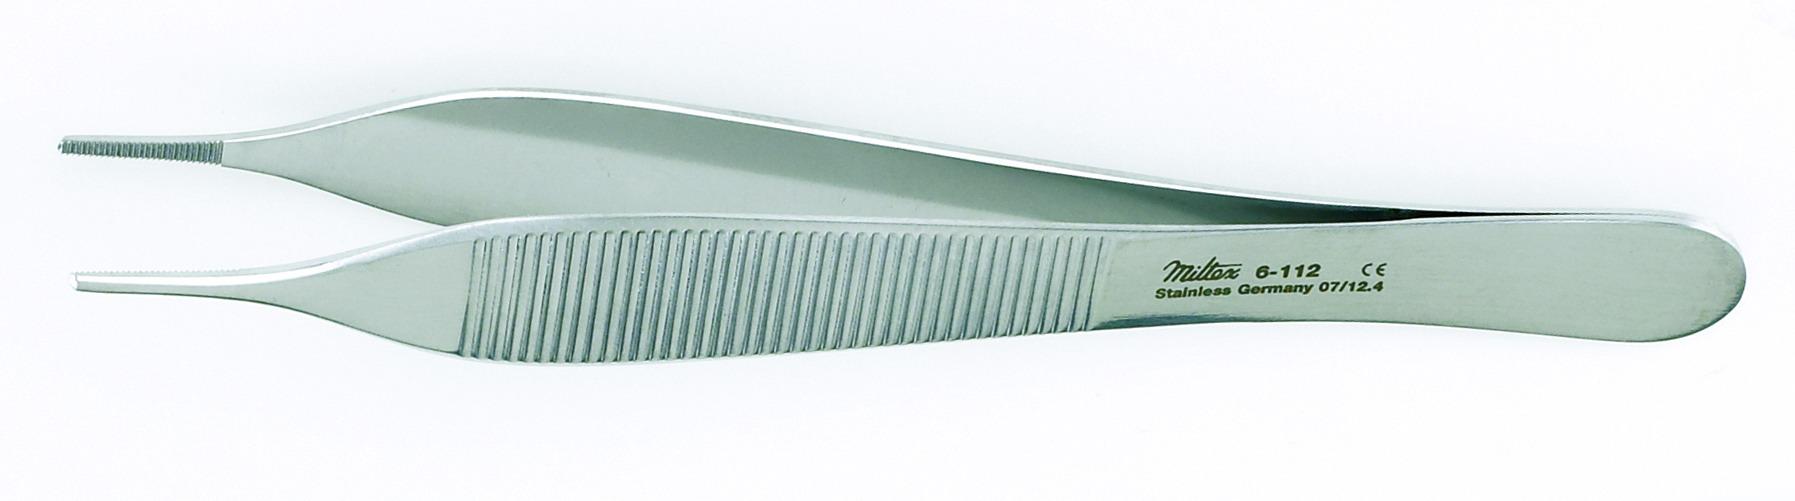 hudson-ewald-dressing-forceps-4-3-4-121-cm-serrated-6-112-miltex.jpg